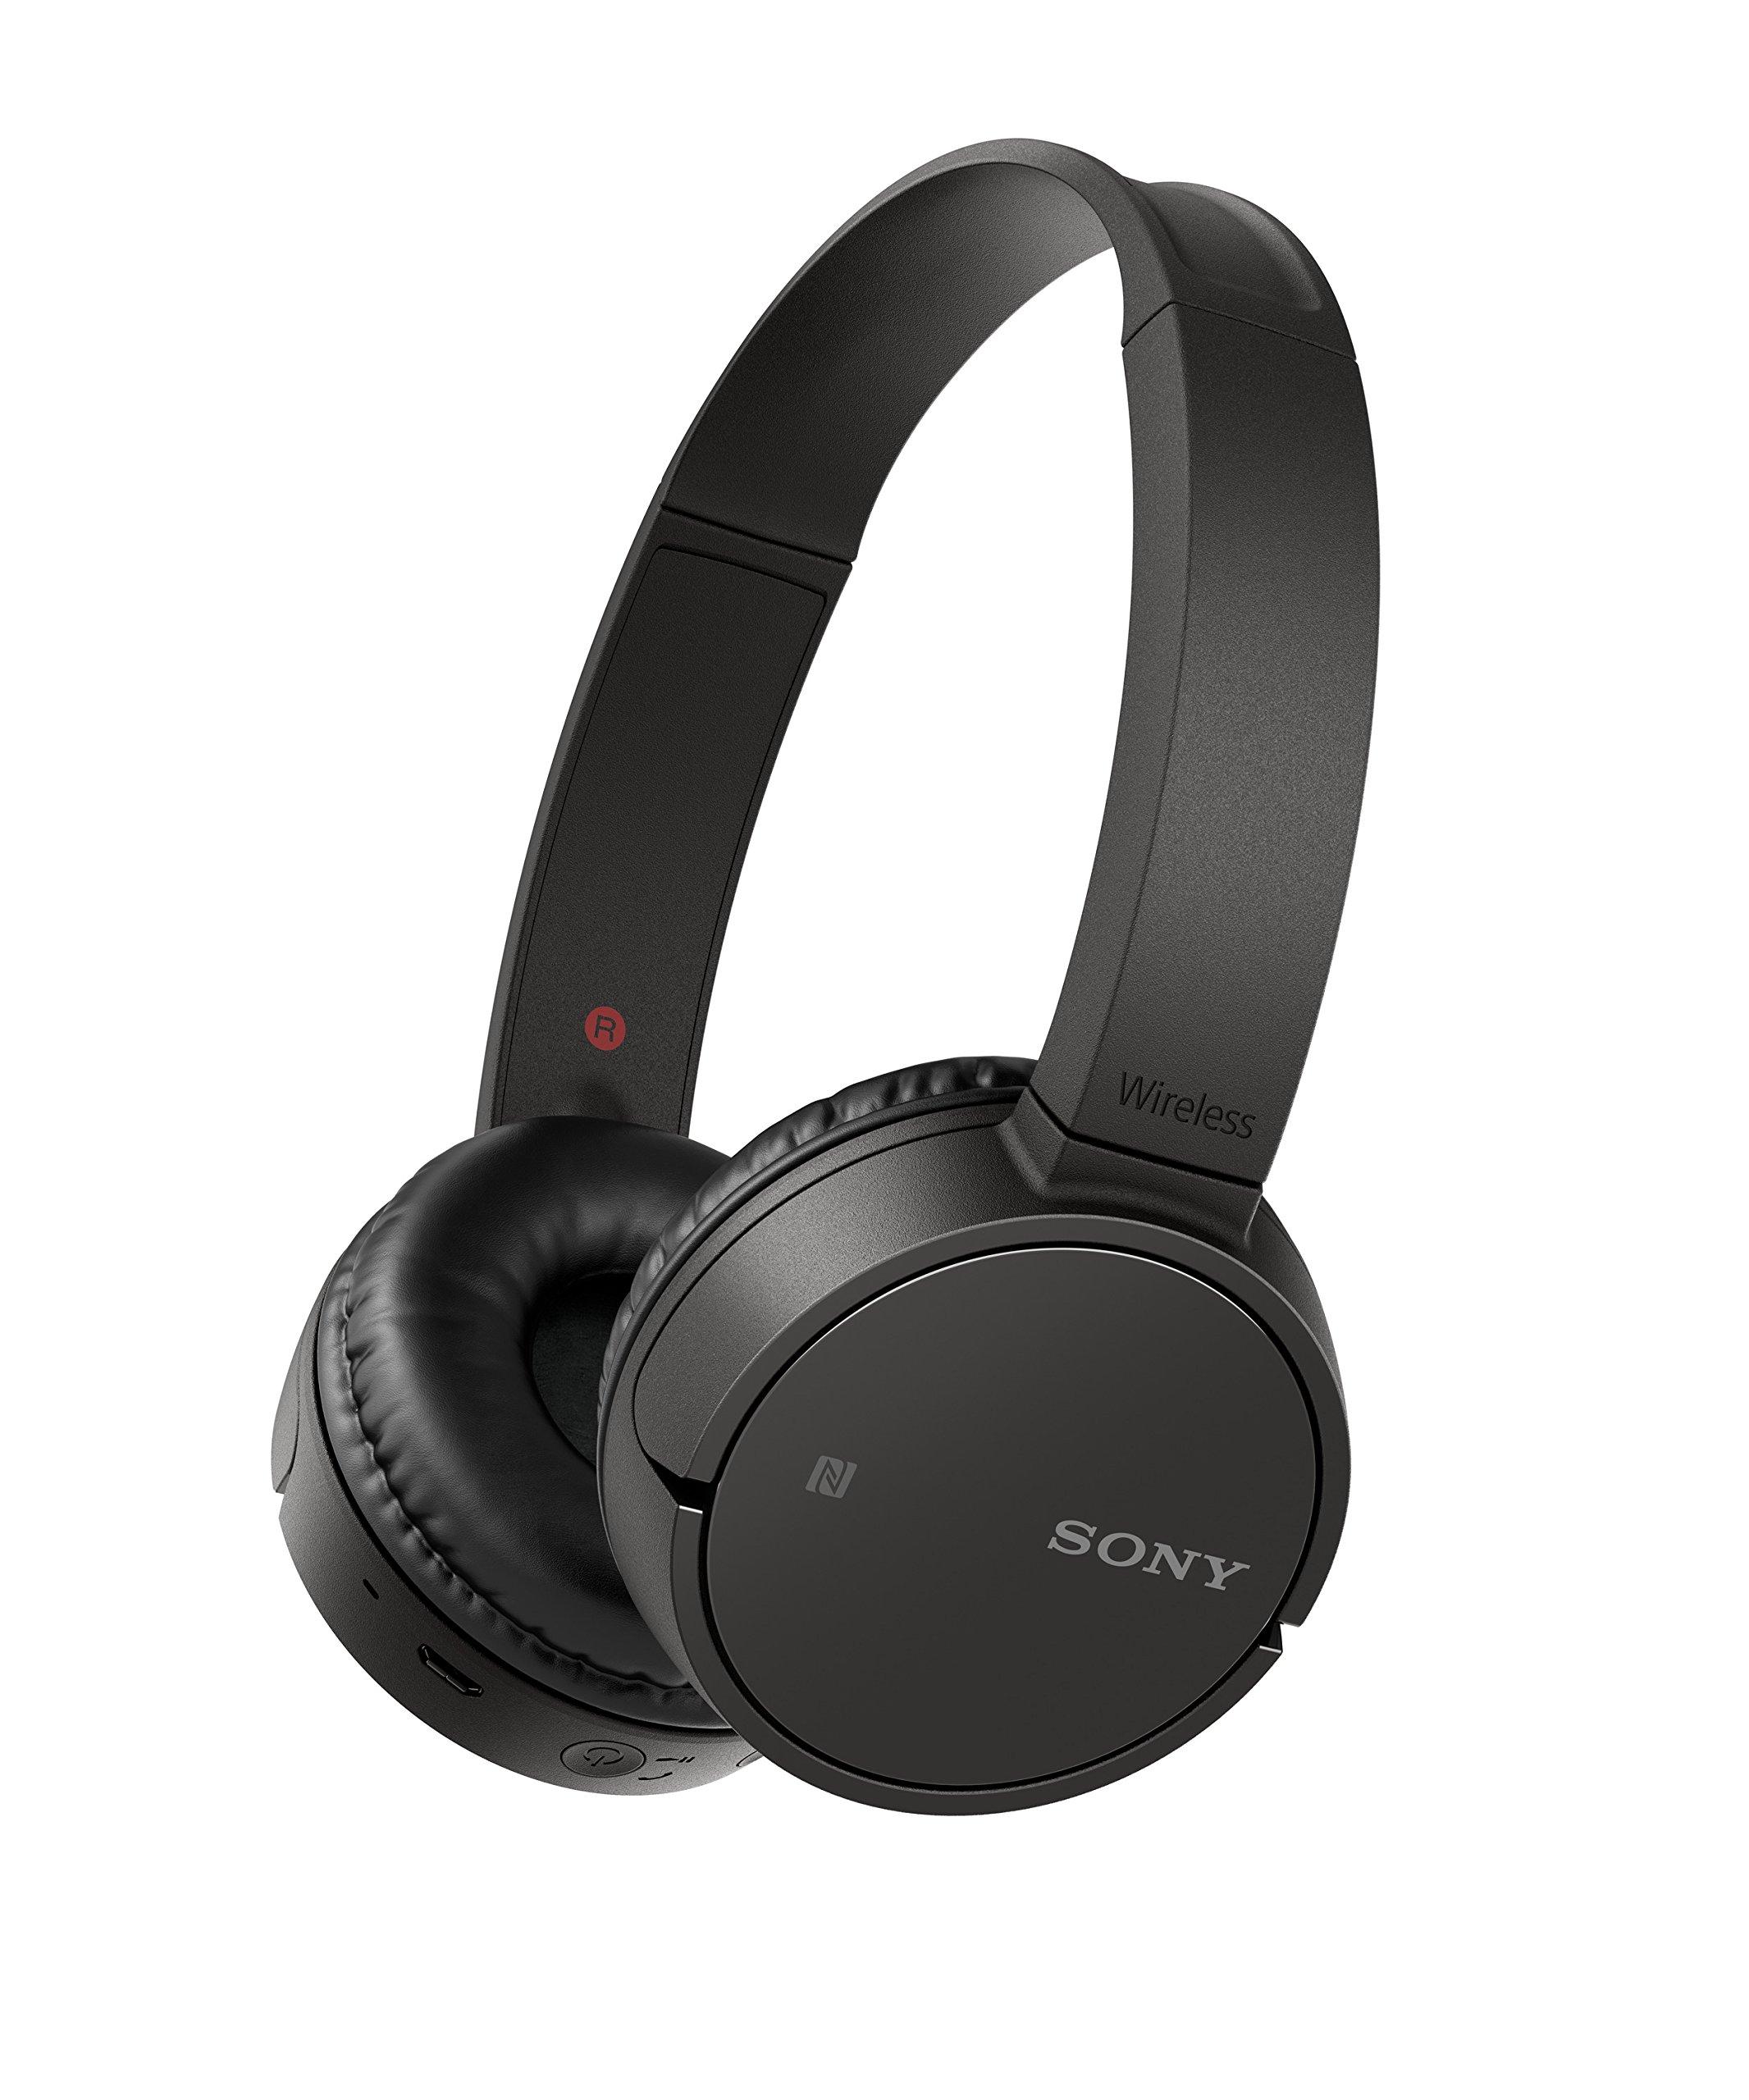 ソニーソニーWH-CH500ワイヤレスBluetooth NFC Bluetoothヘッドセット、20時間のバッテリー寿命 - ブラック